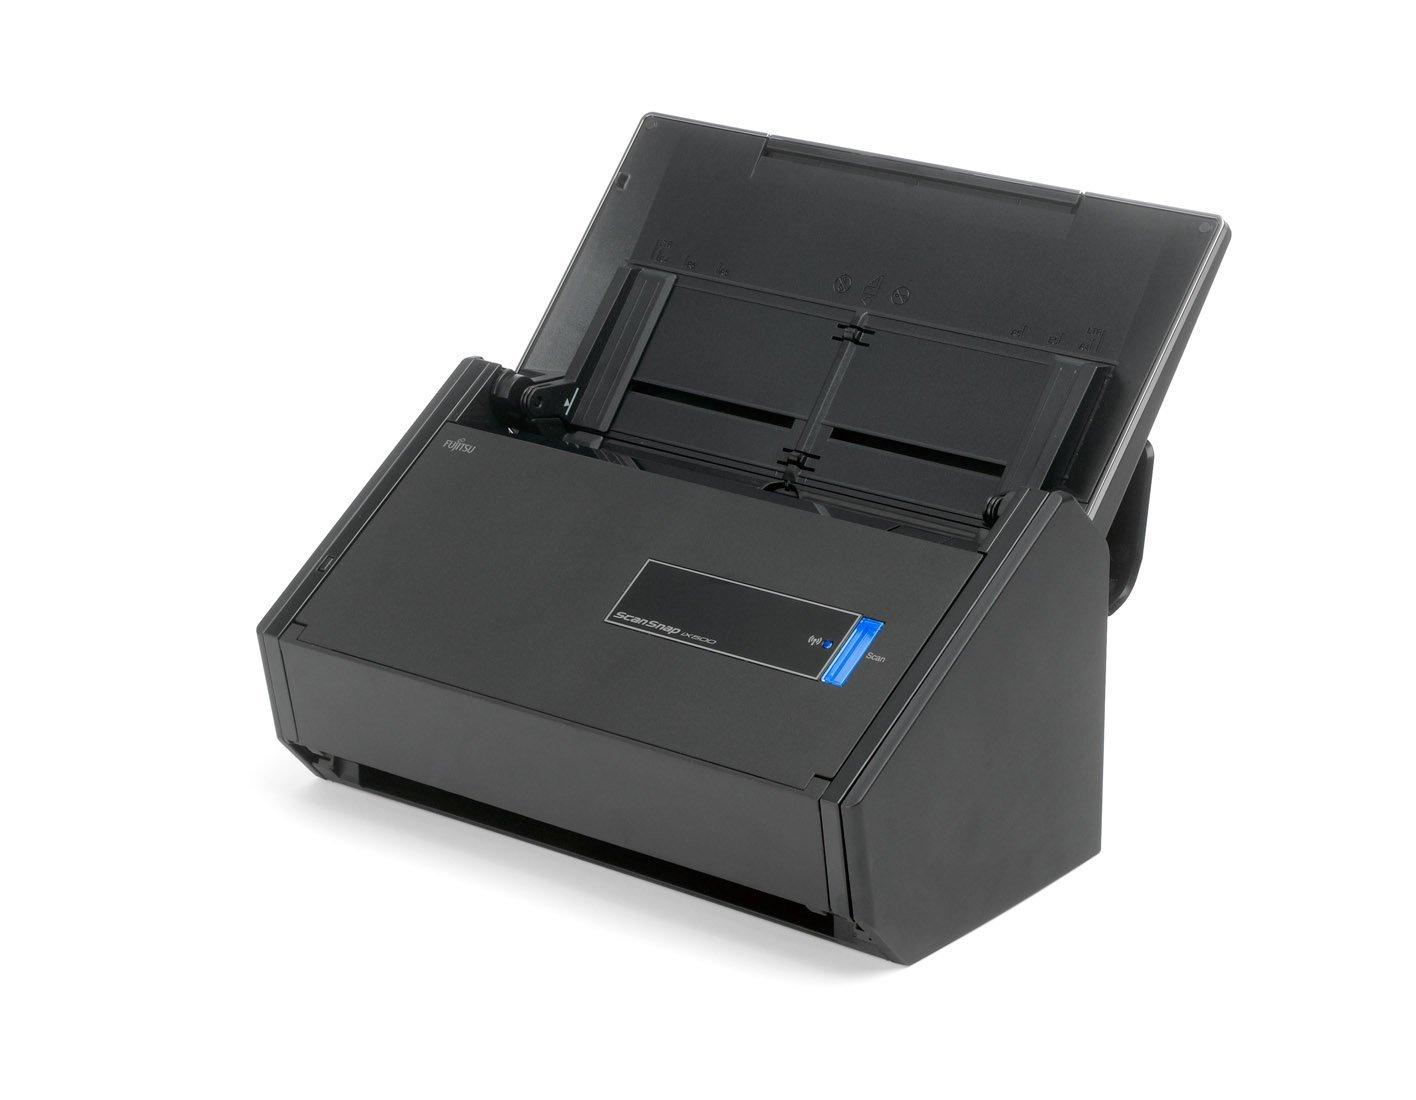 Fujitsu ScanSnap iX500 Scanner (PA03656-B005)